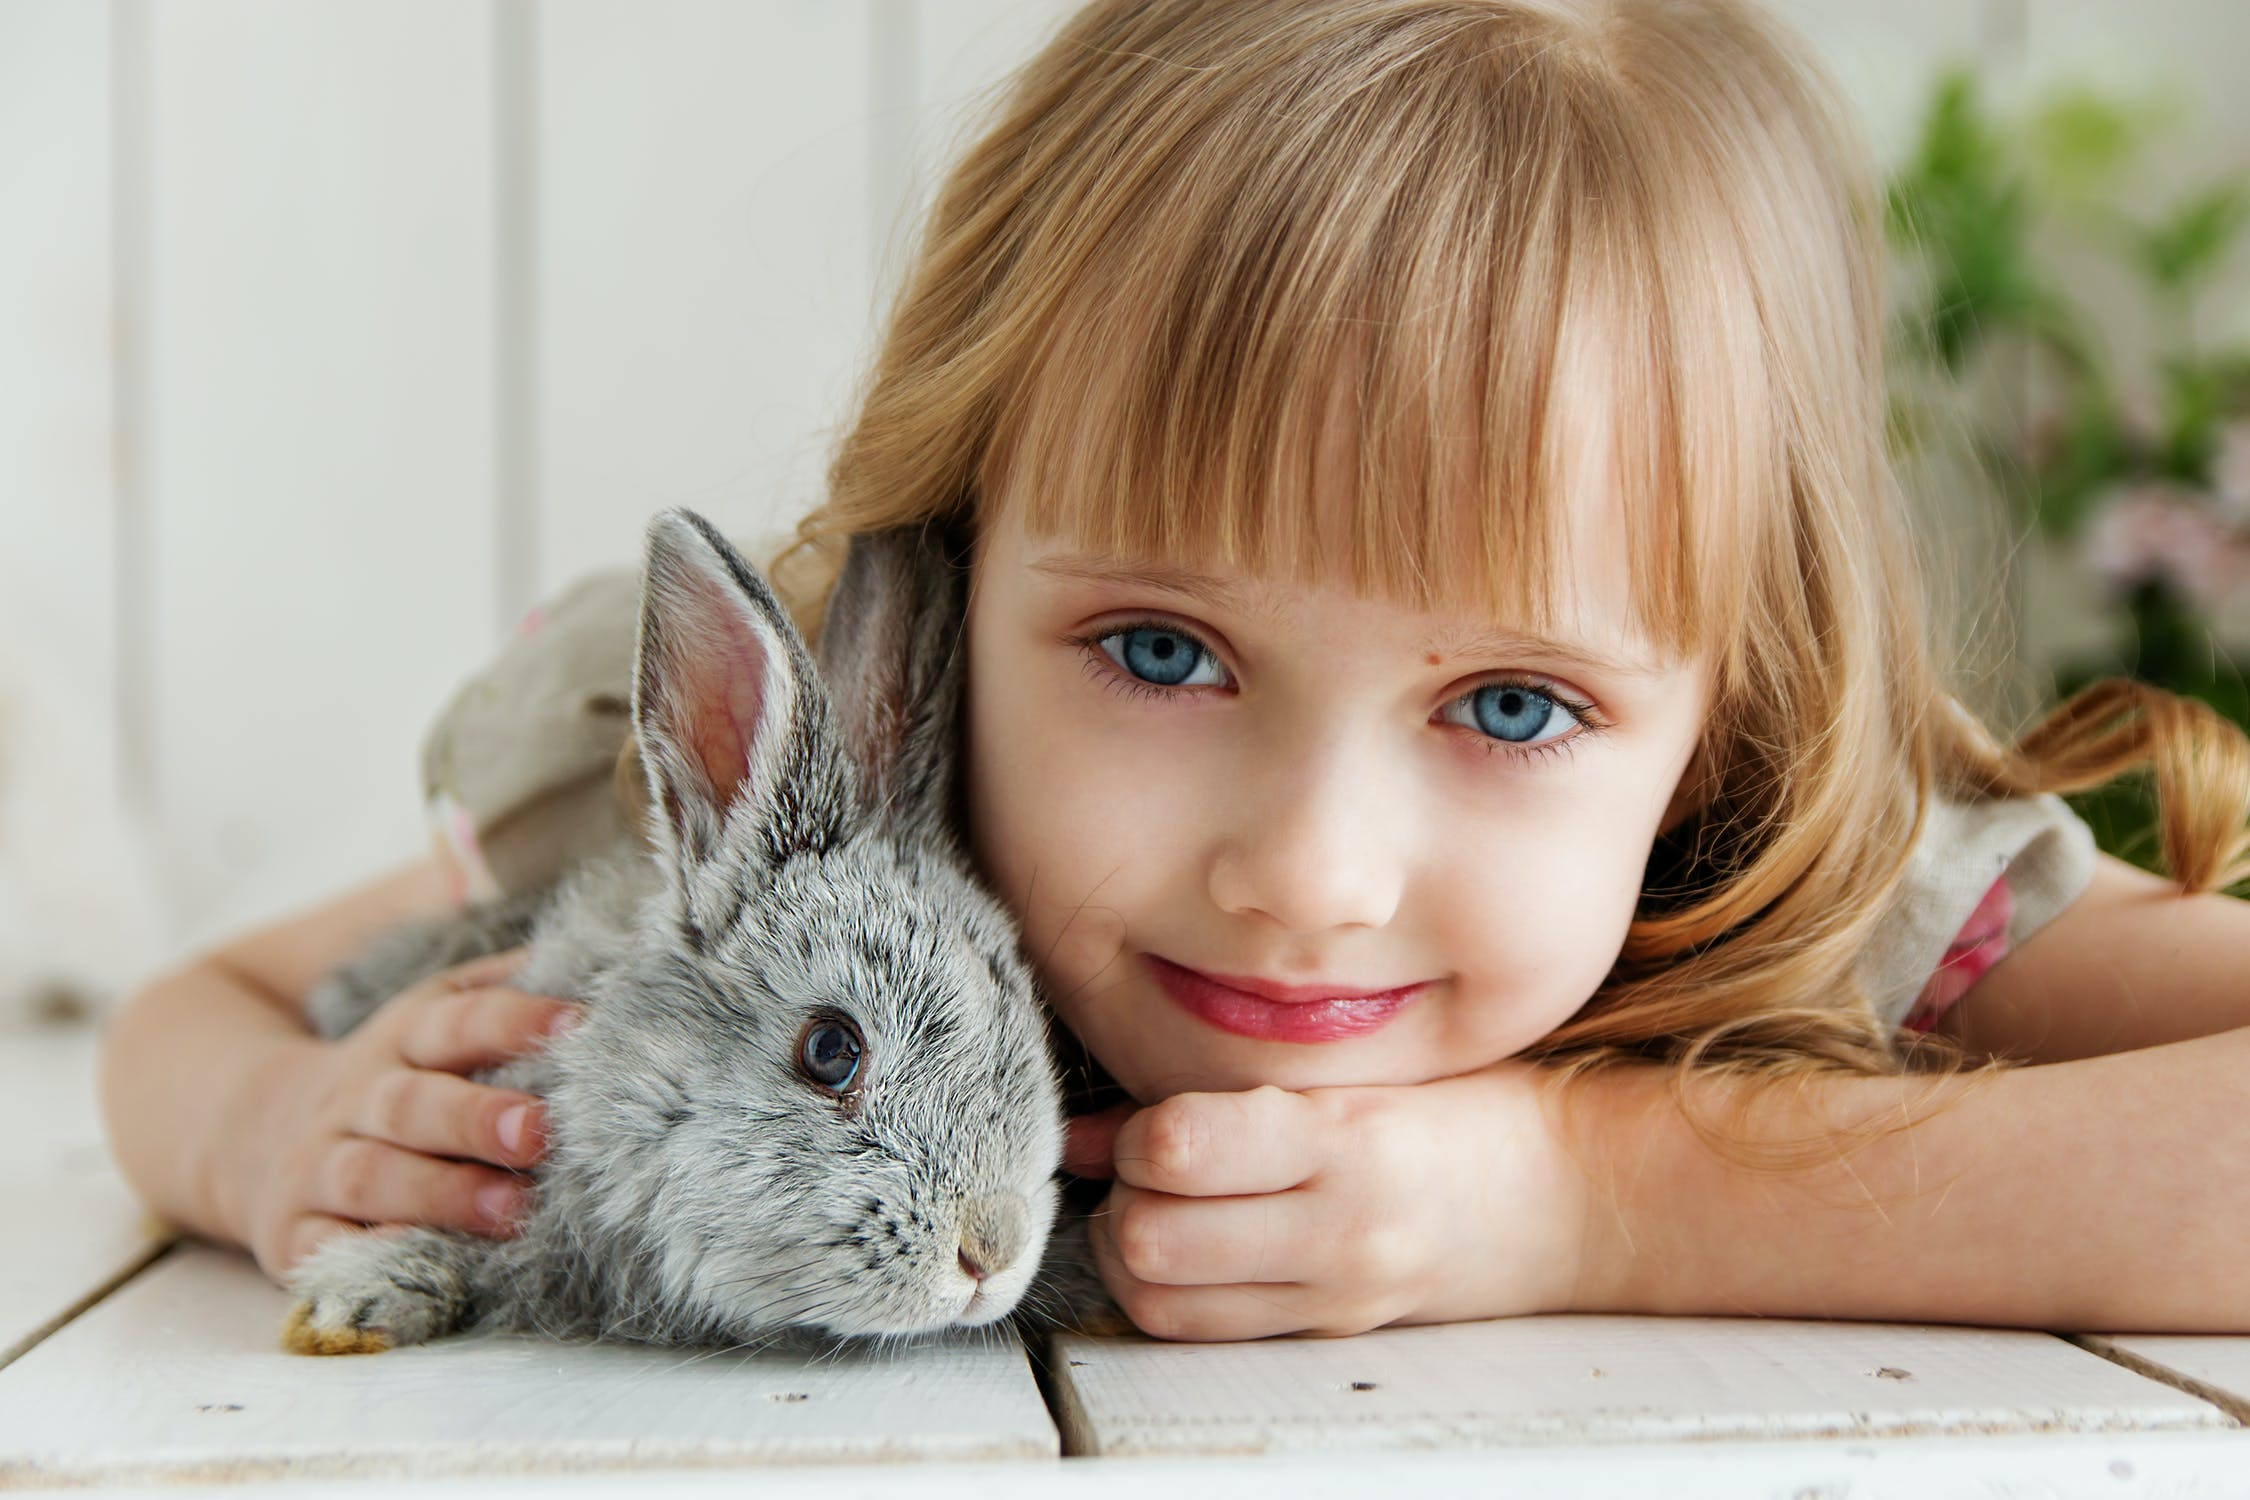 Inilah Cara Ajarkan Anak untuk Jaga Kesehatan Mulut 4